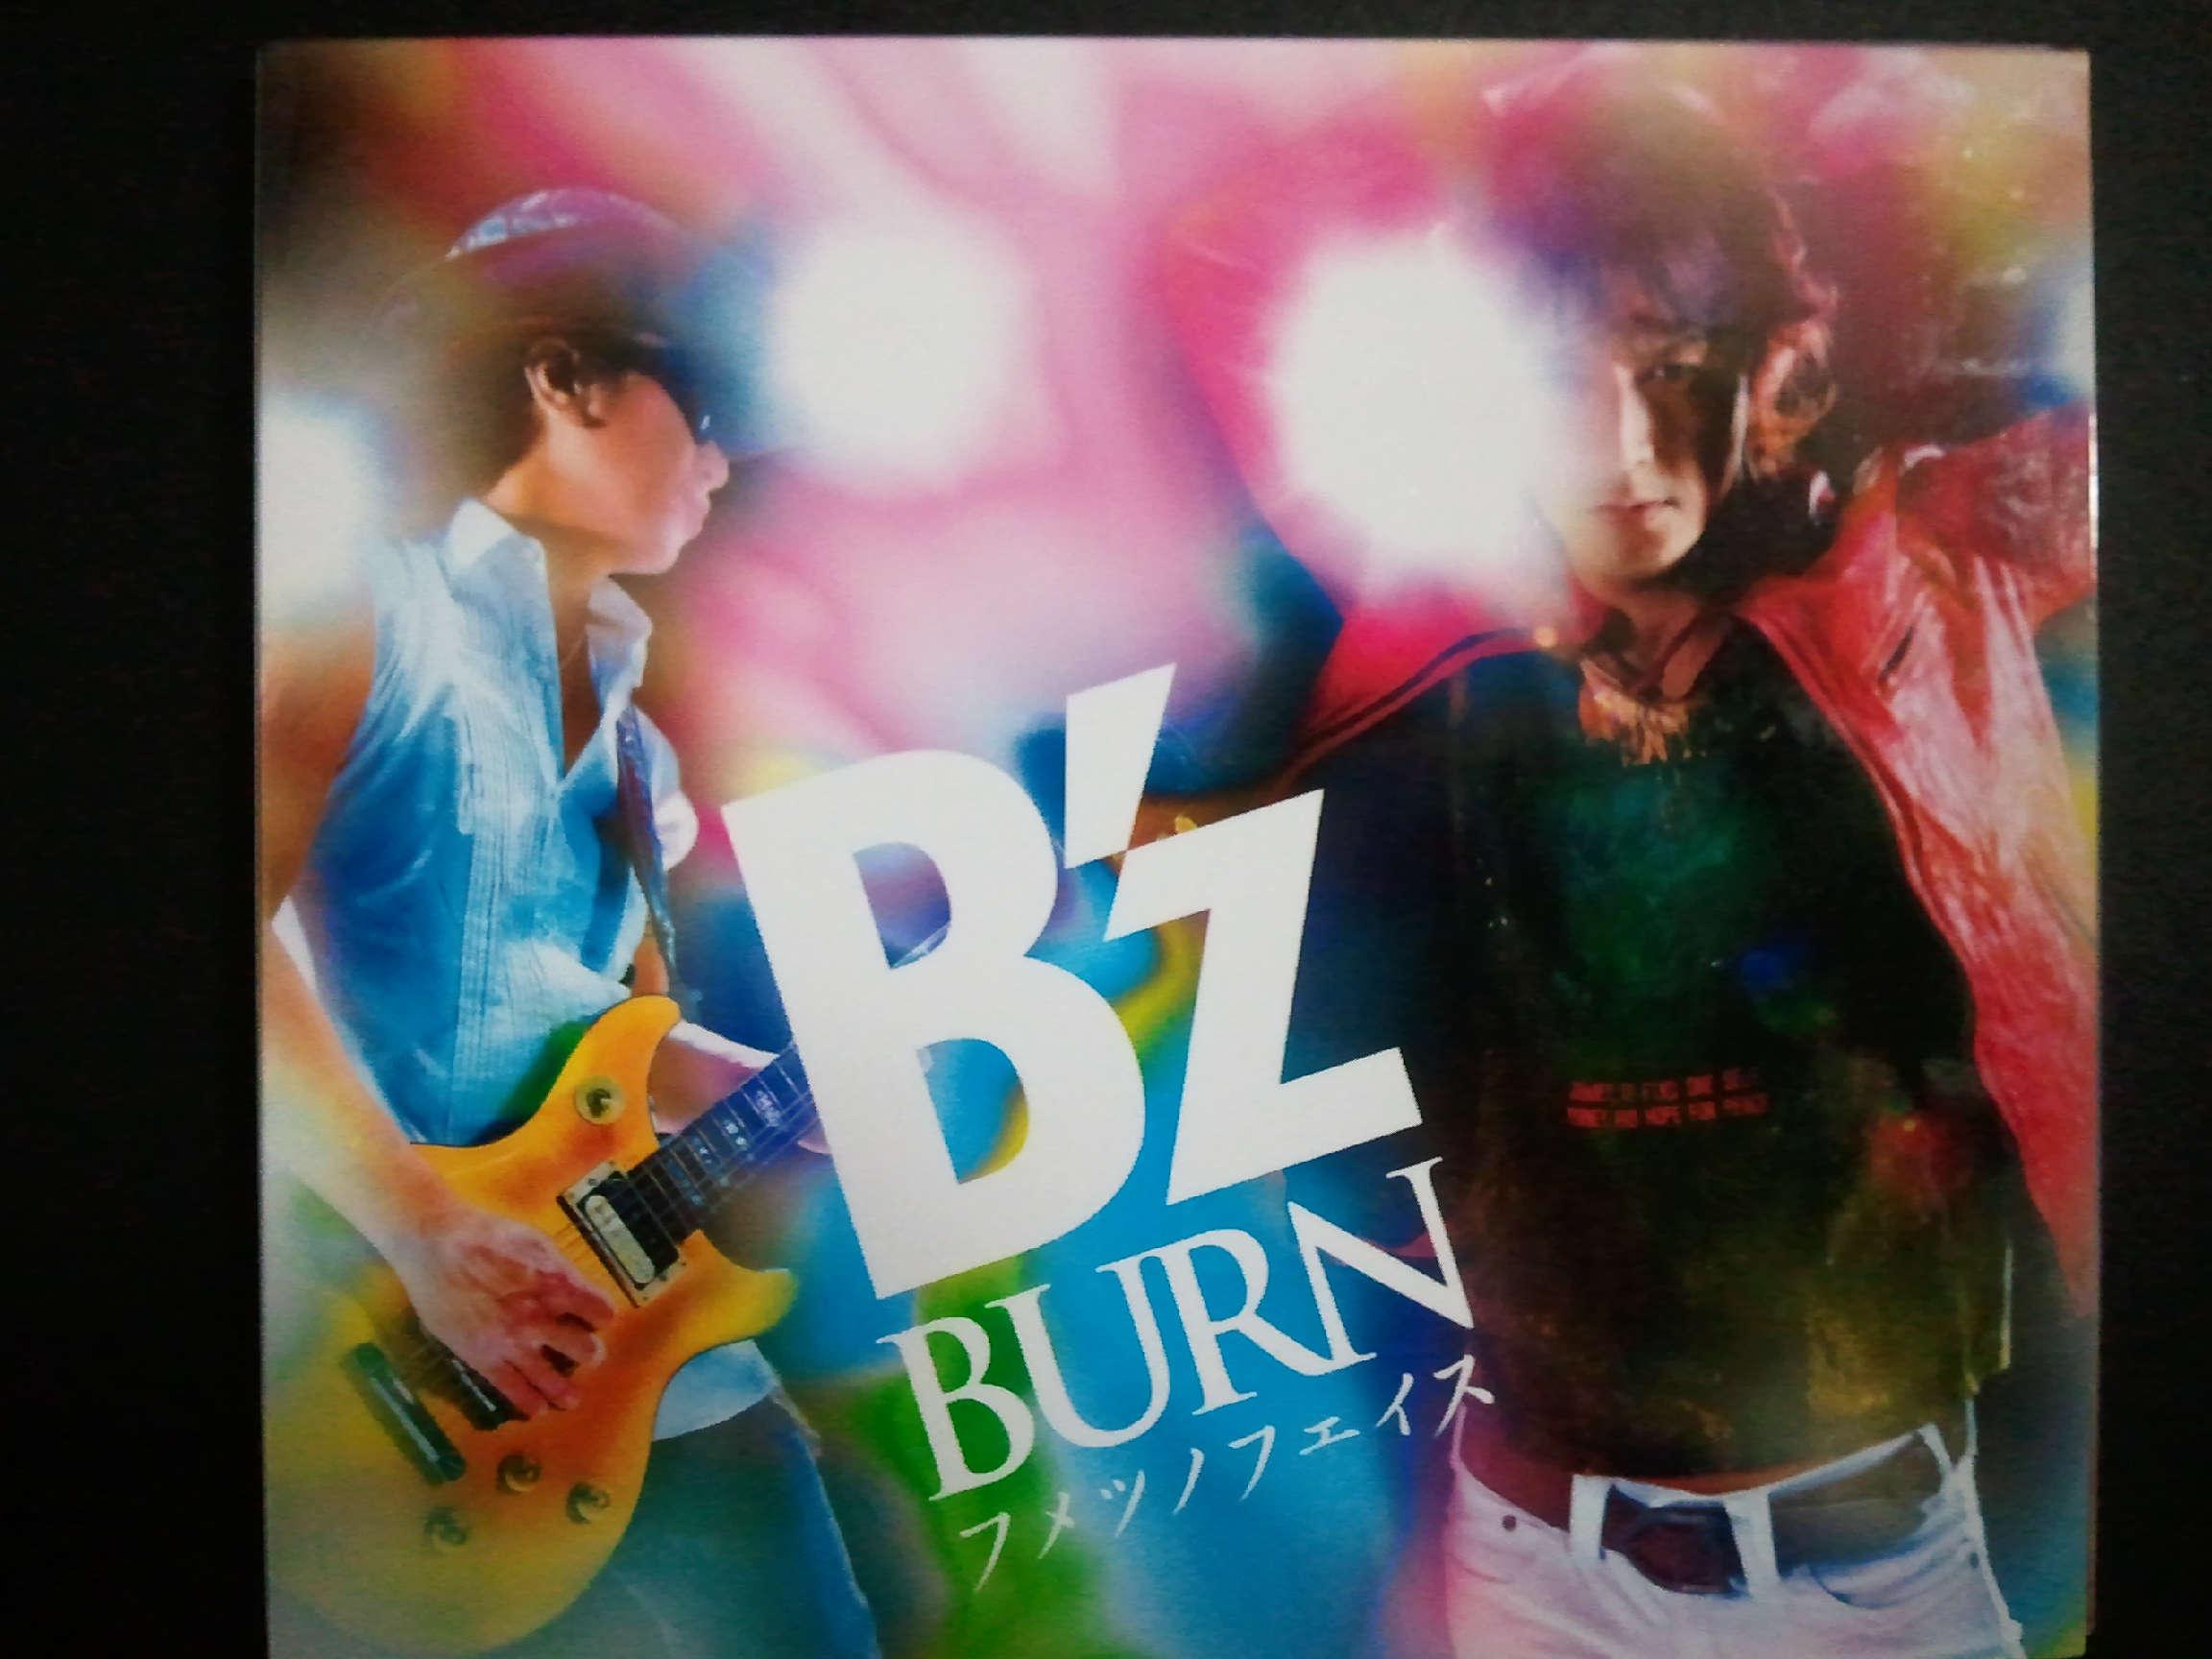 B'z Burn フメツノフェイス